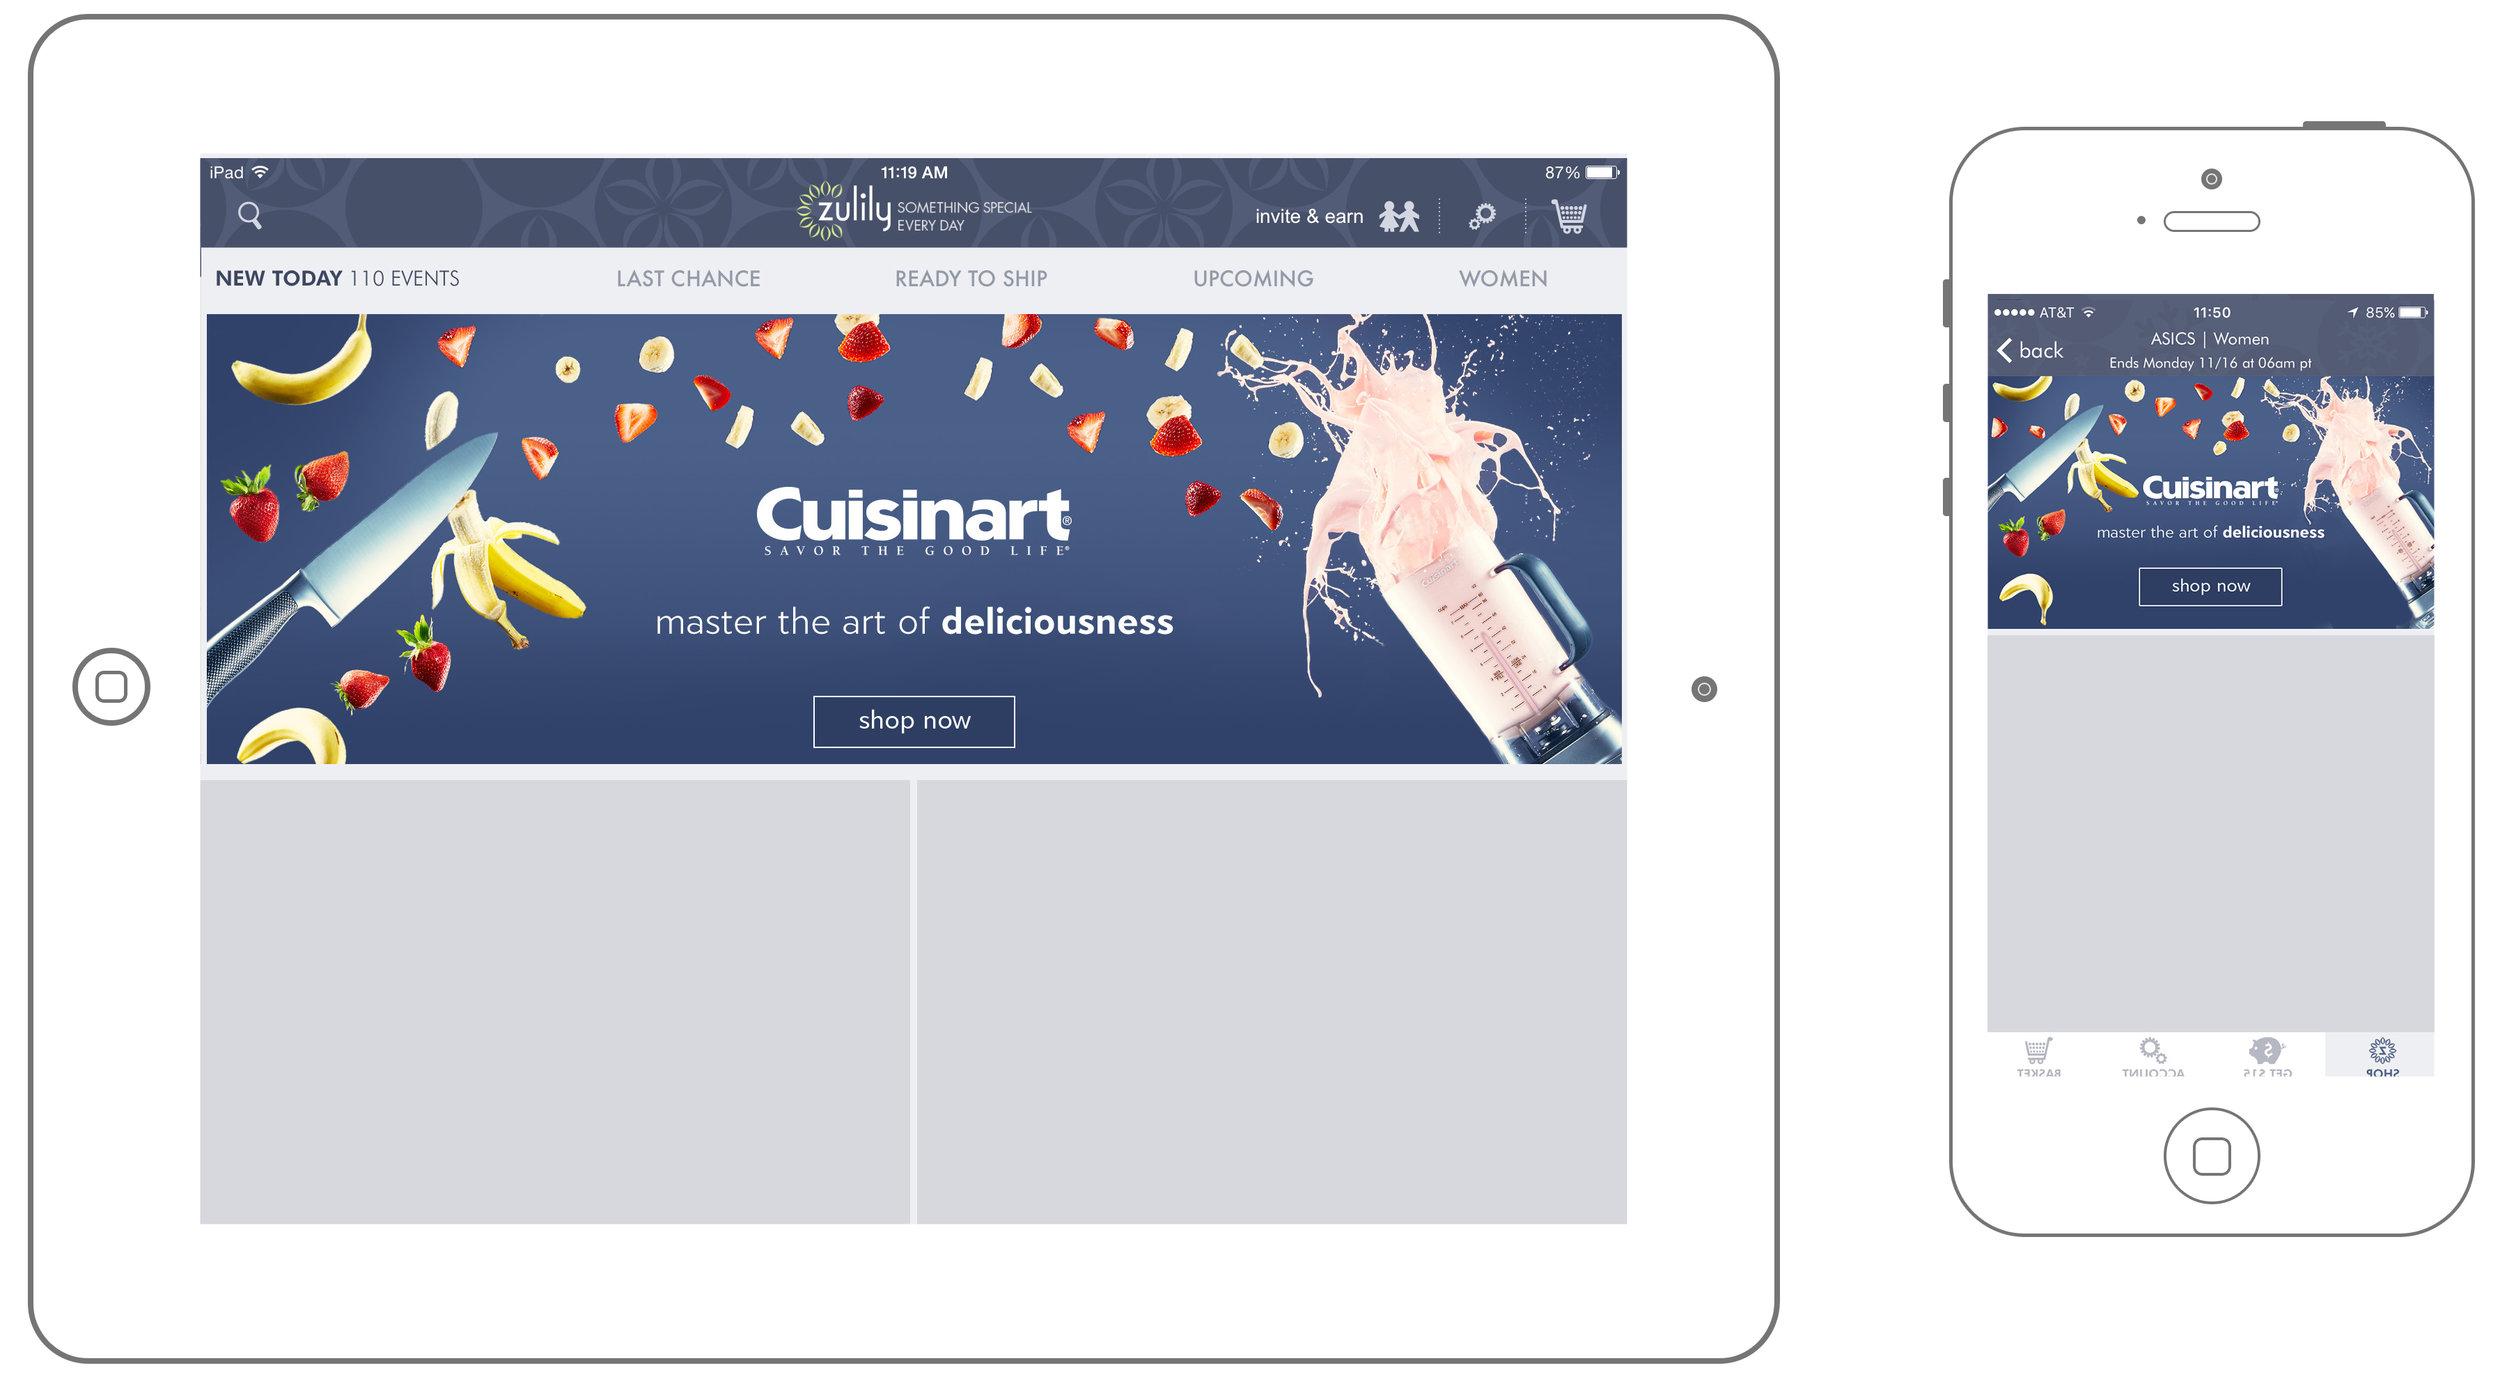 CUISINART_DW_Mobile_Template.jpg